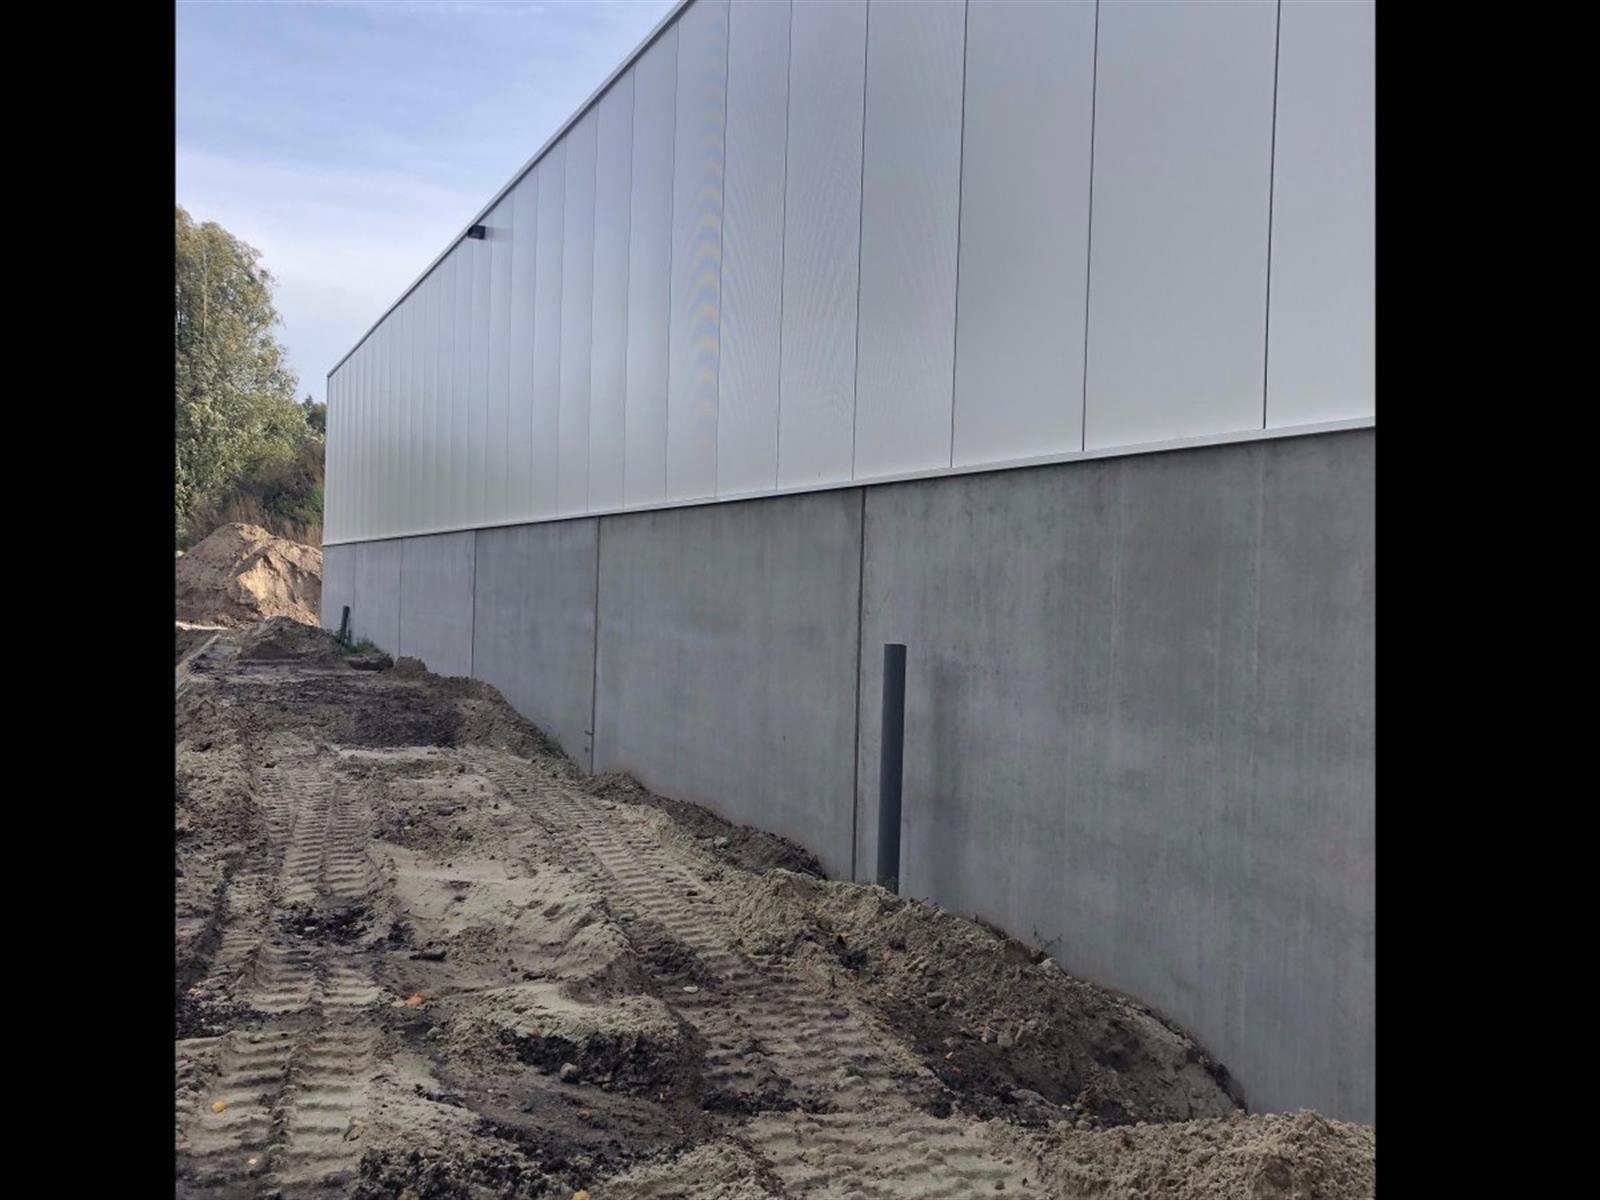 industrieel gebouw te koop I120 - Industriehal - Nieuwpoortlaan 15 A, 3600 Genk, België 3